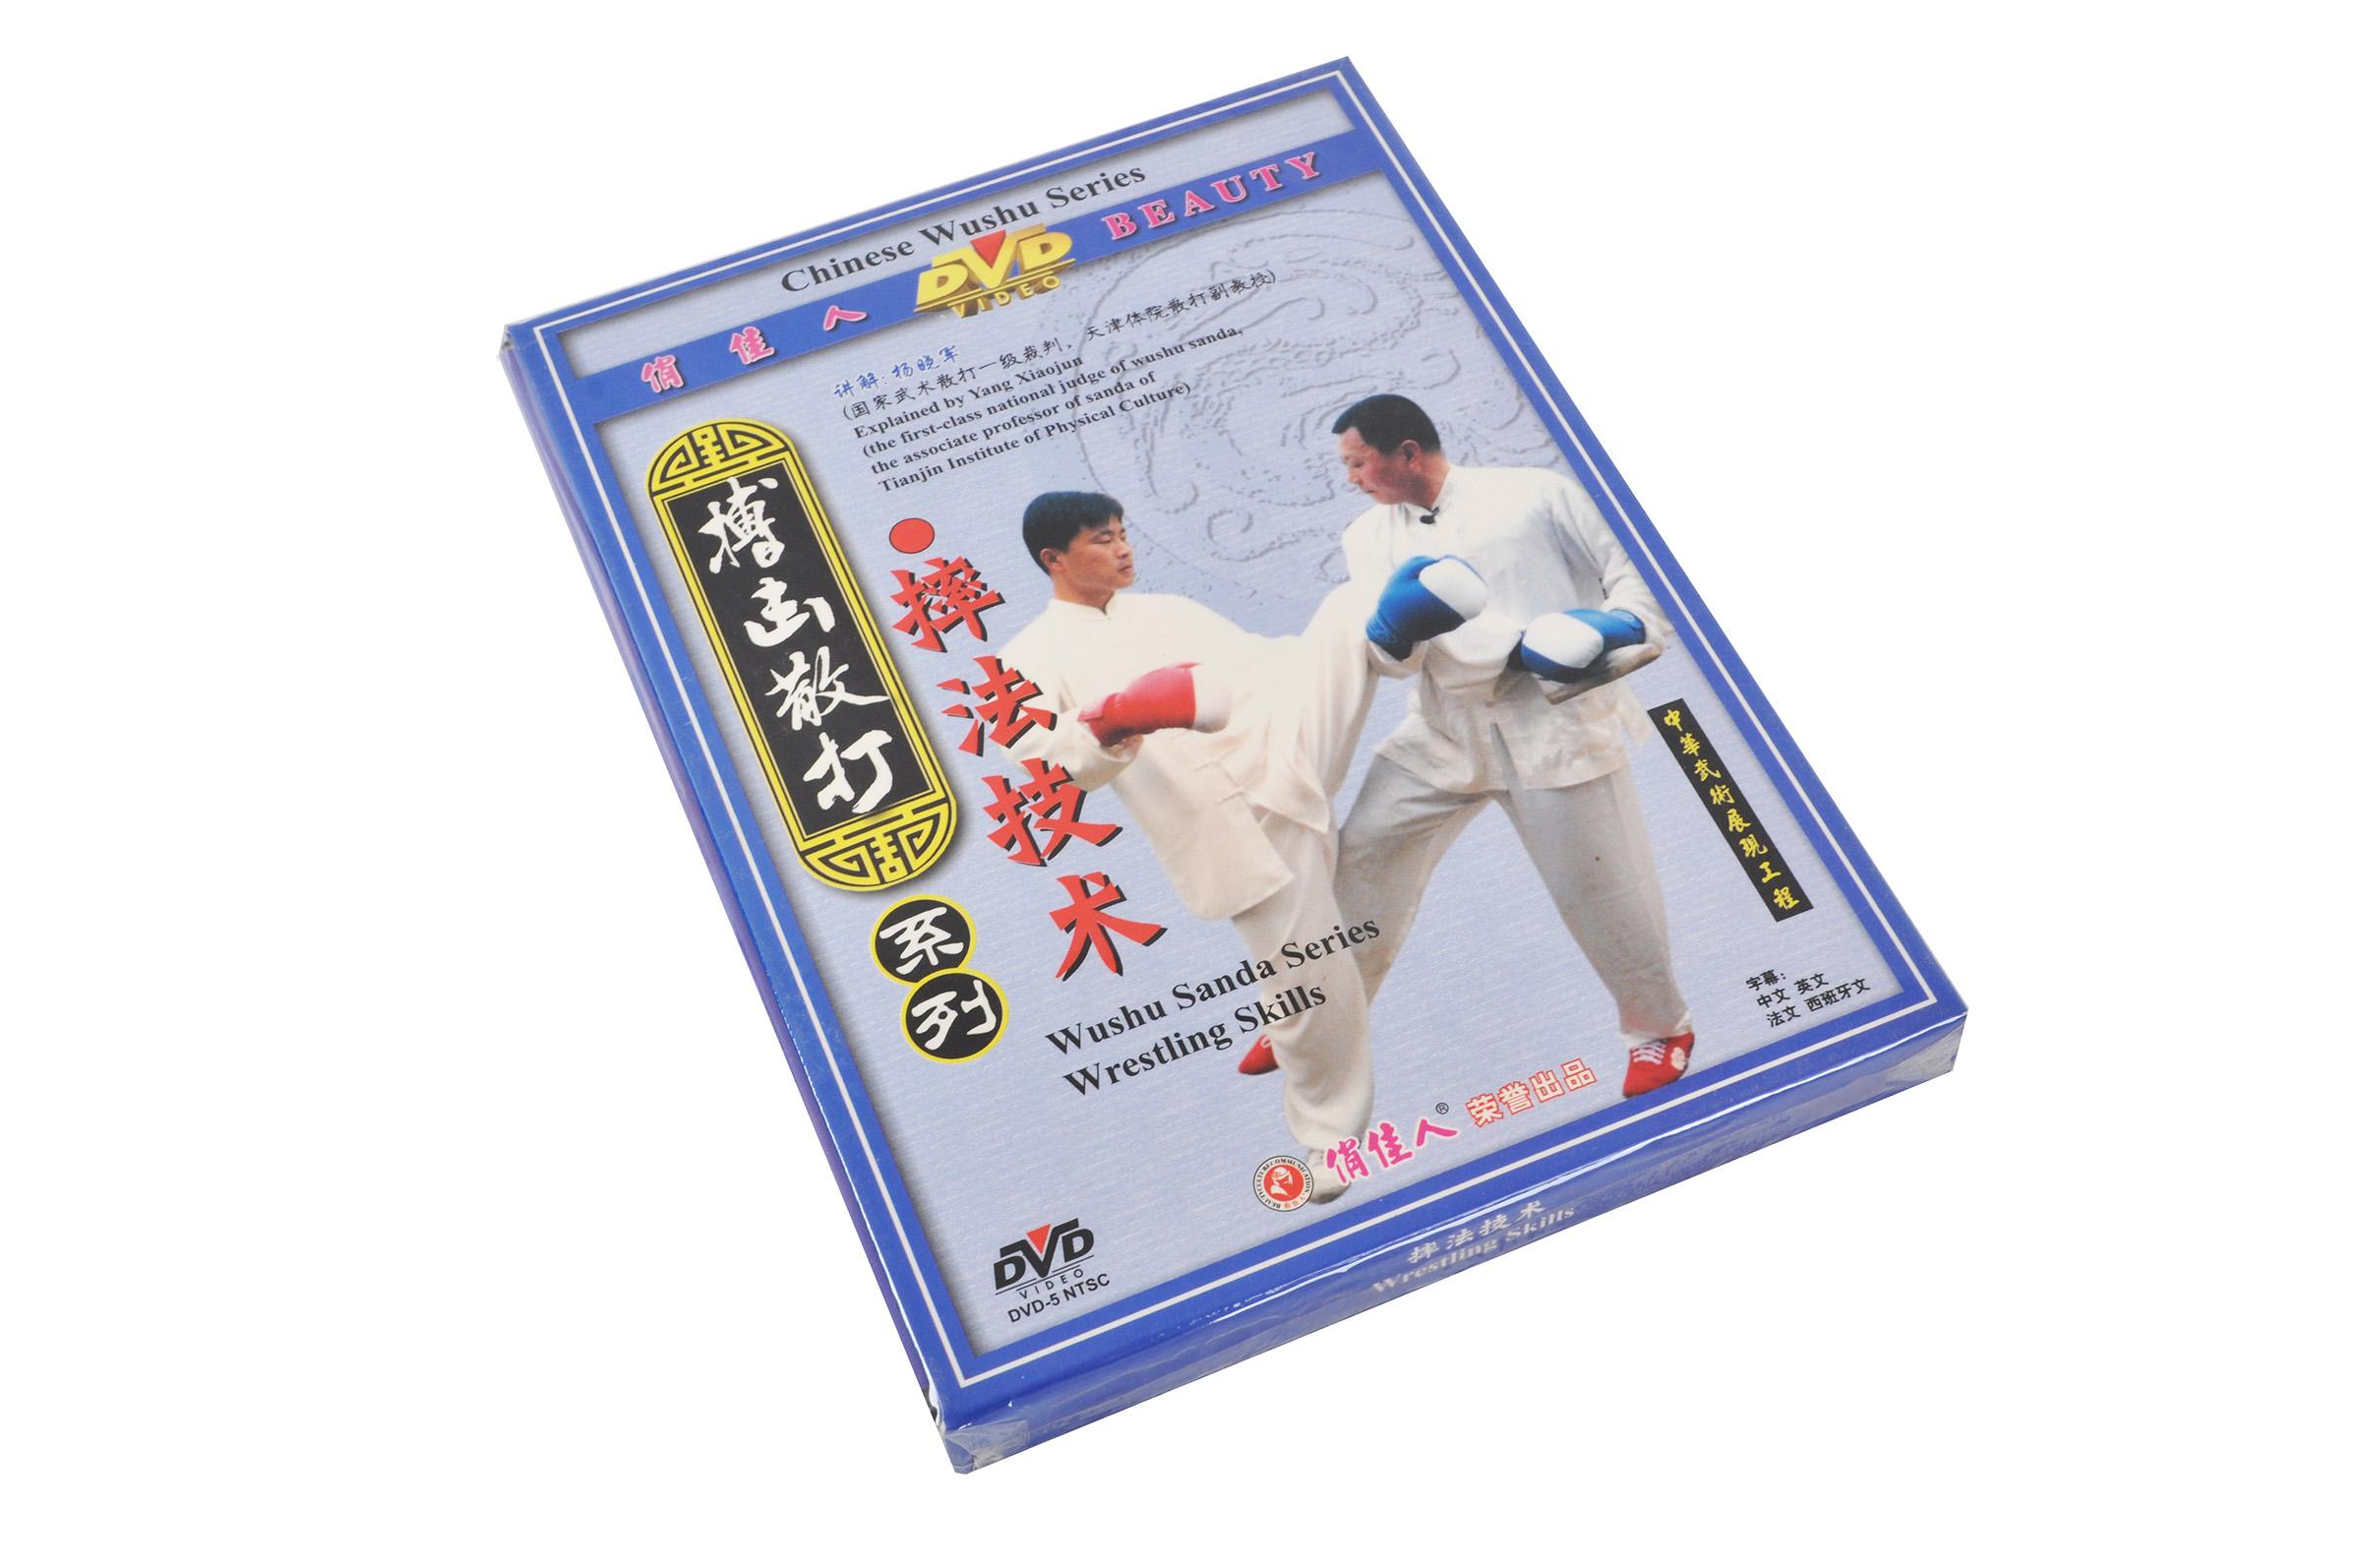 [DVD] Série Sanda : Techniques des Prises